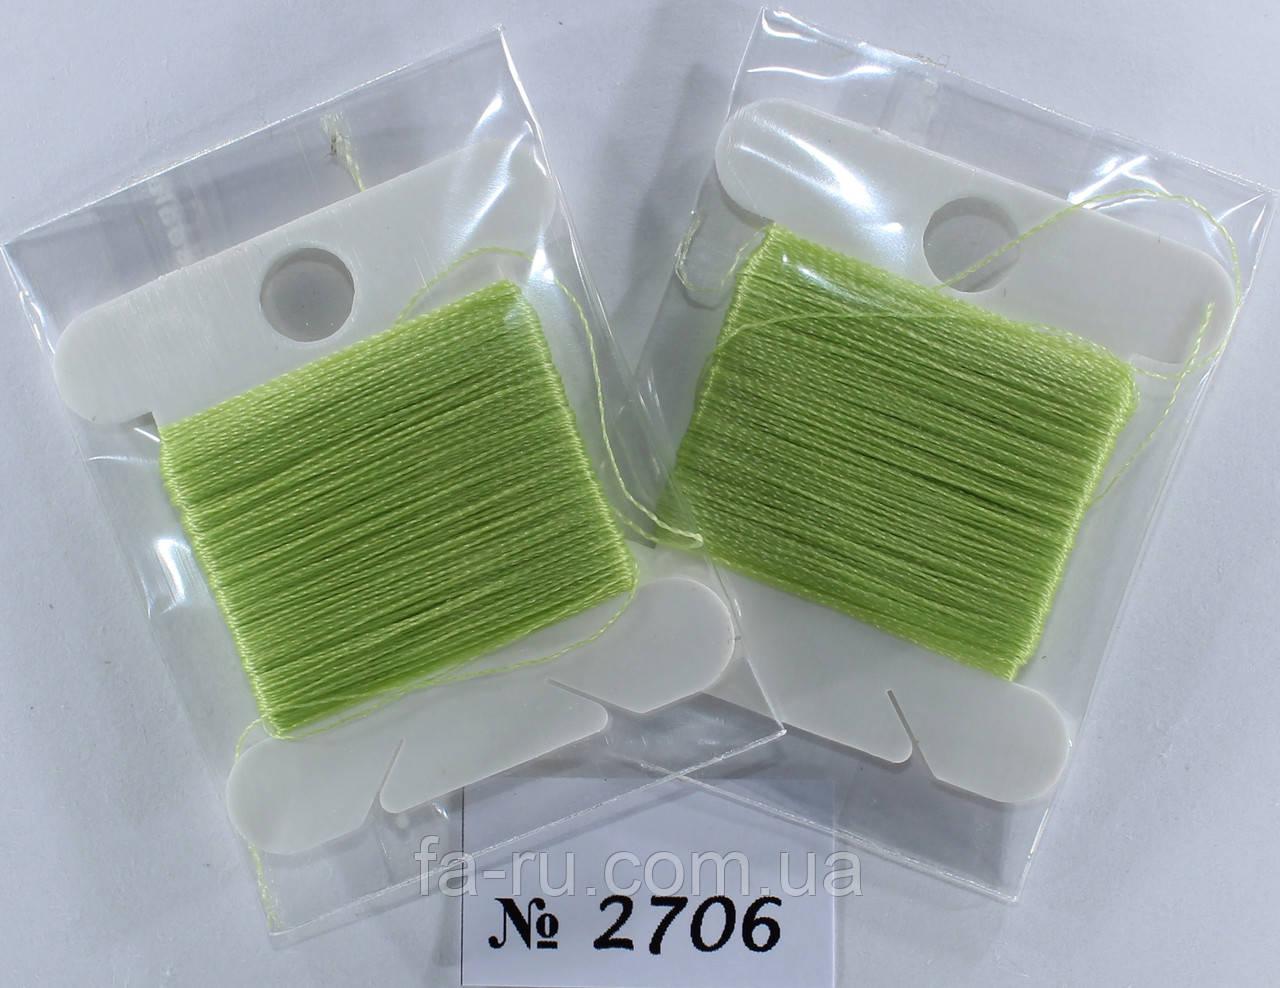 Нить для бисера TYTAN 100 №2706. Бледно-зелёный 30 м